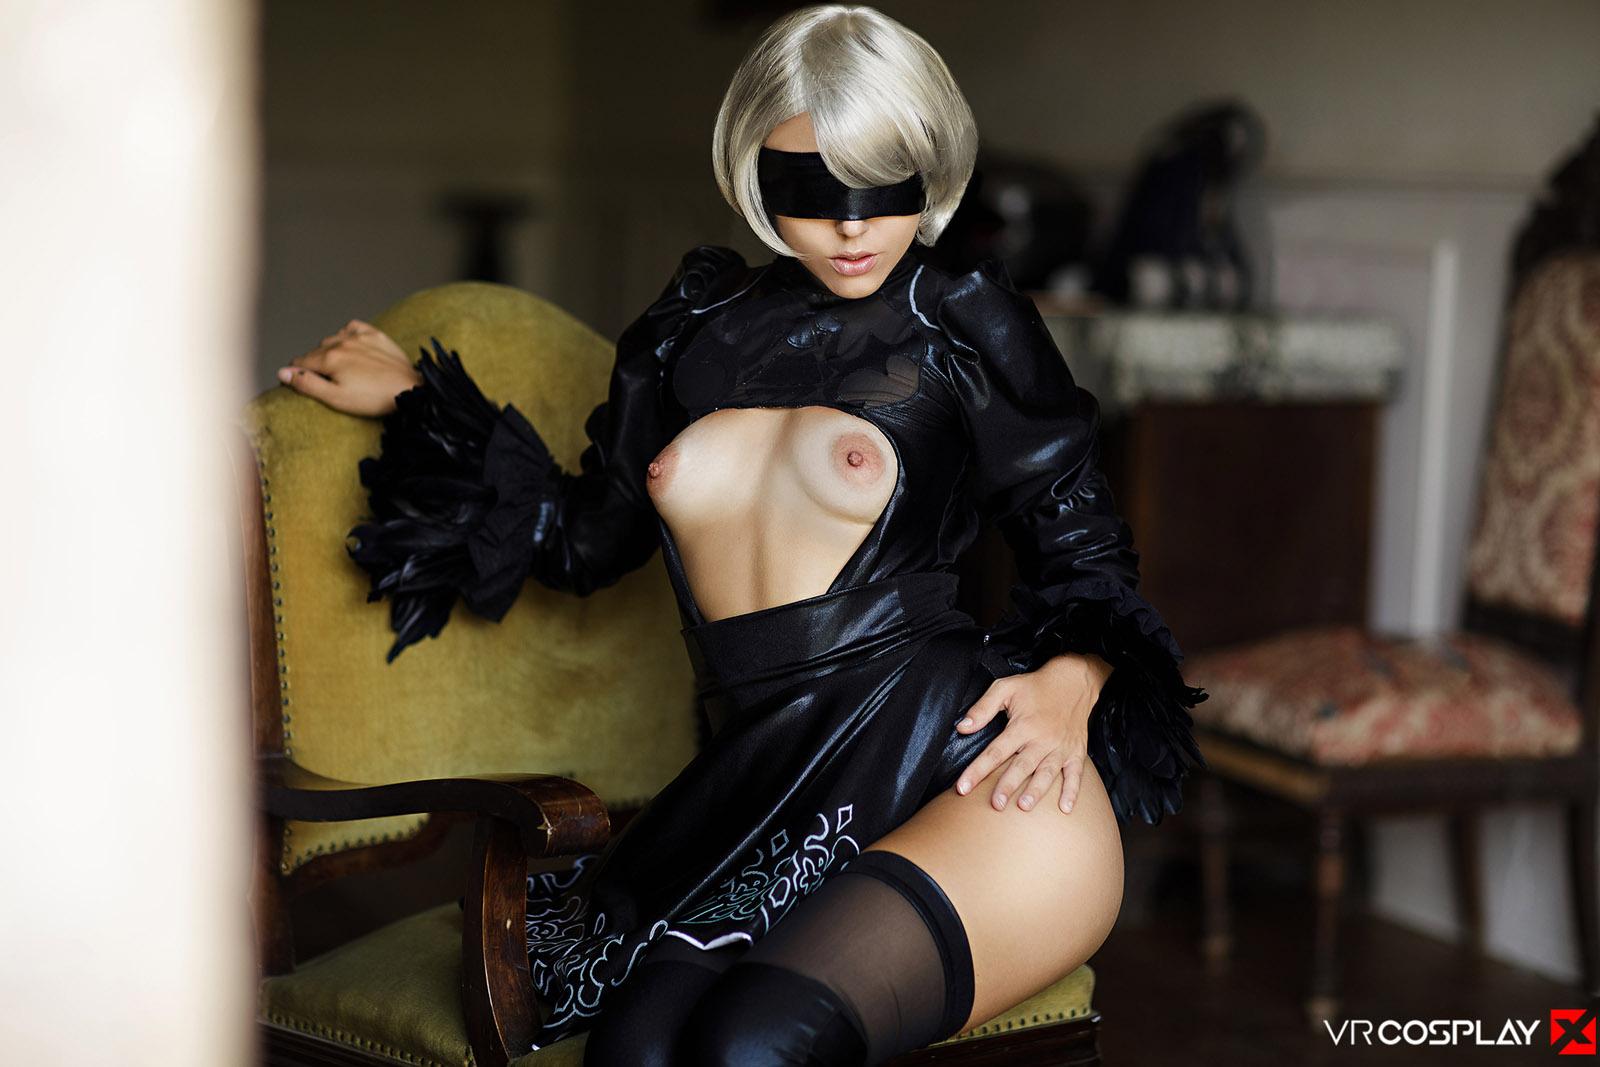 Nier Automata Xxx zoe doll nier automata xxx cosplay gallery-9588 | my hotz pic